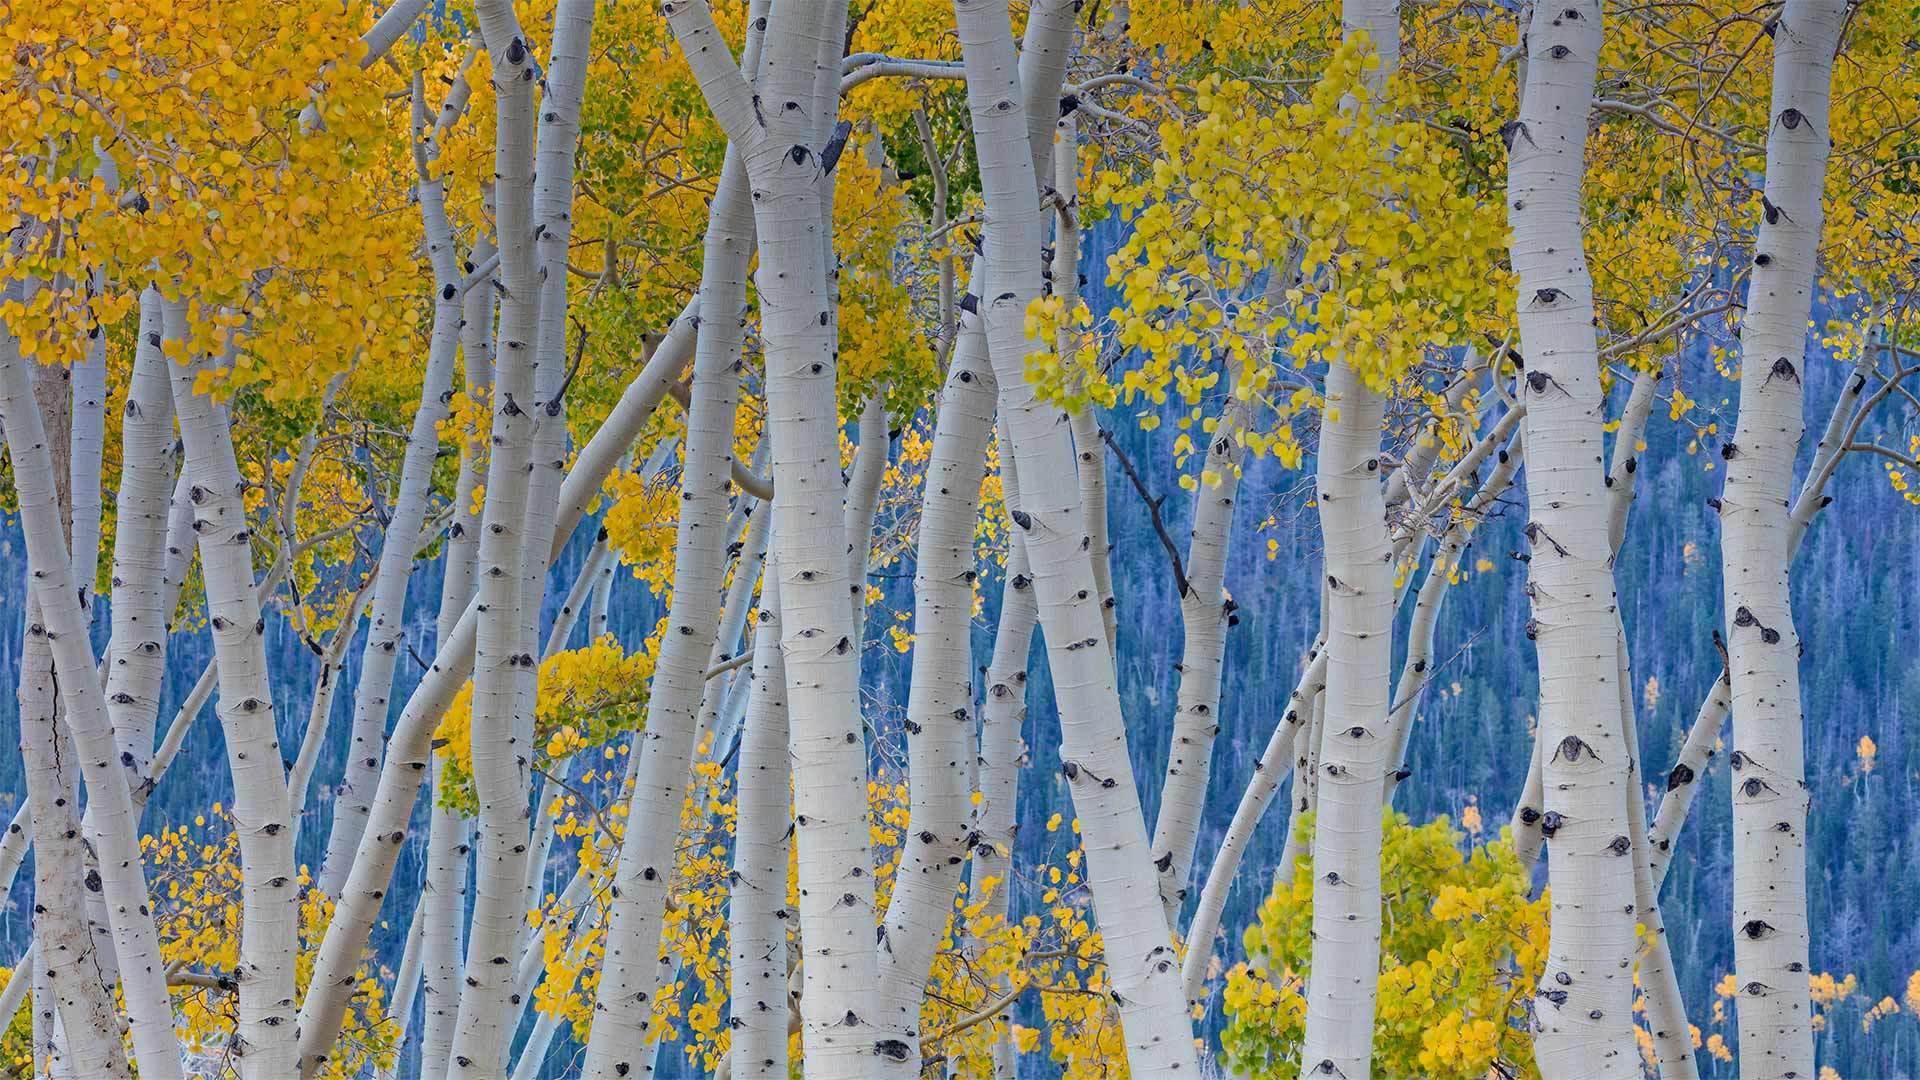 鱼湖国家森林中的美洲山杨